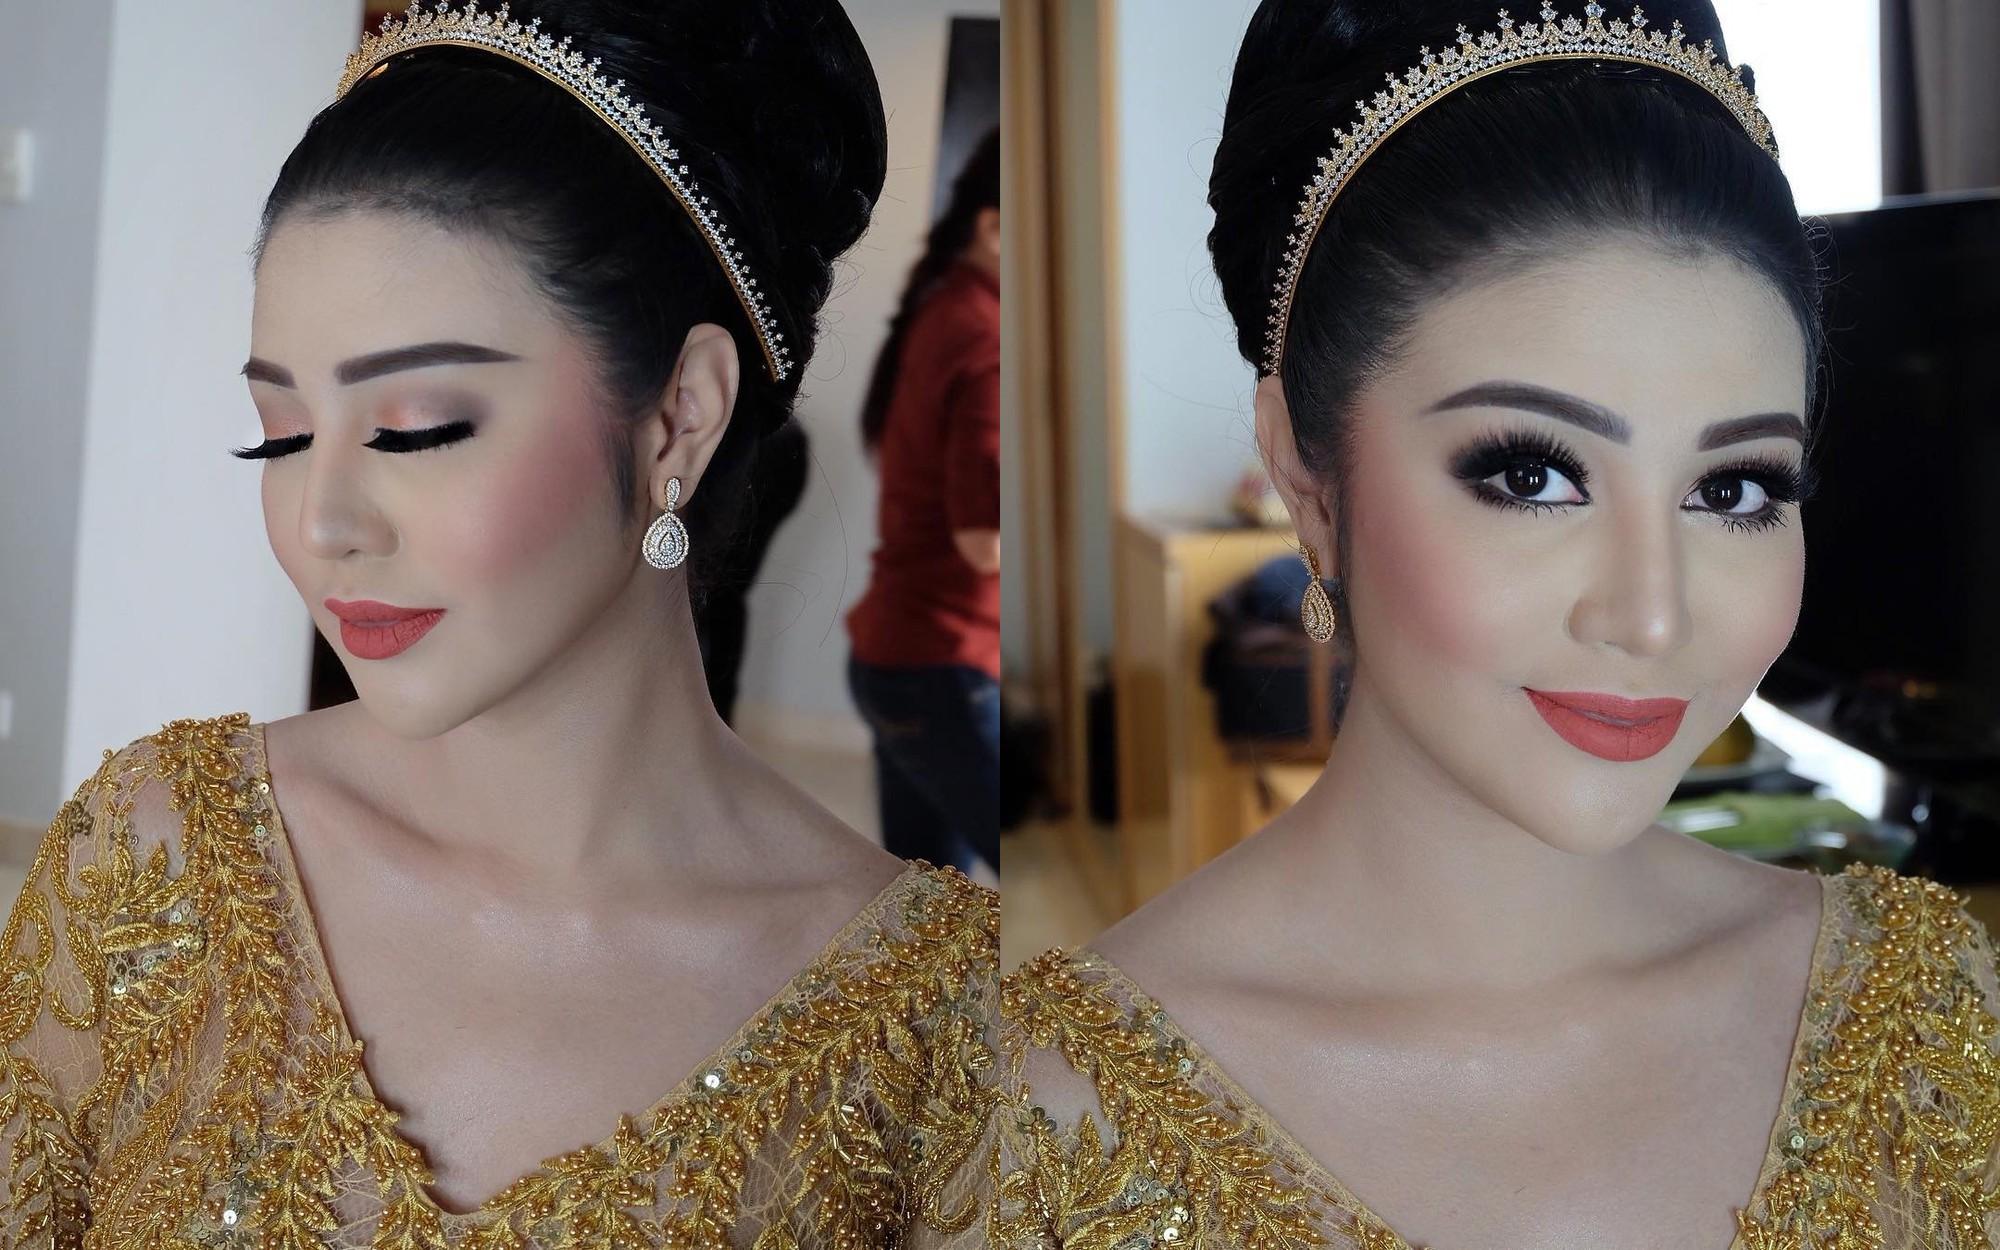 Hoa hậu đẹp nhất thế giới năm 2016 lộng lẫy hút hồn trong đám cưới với con trai cựu thống đốc-4